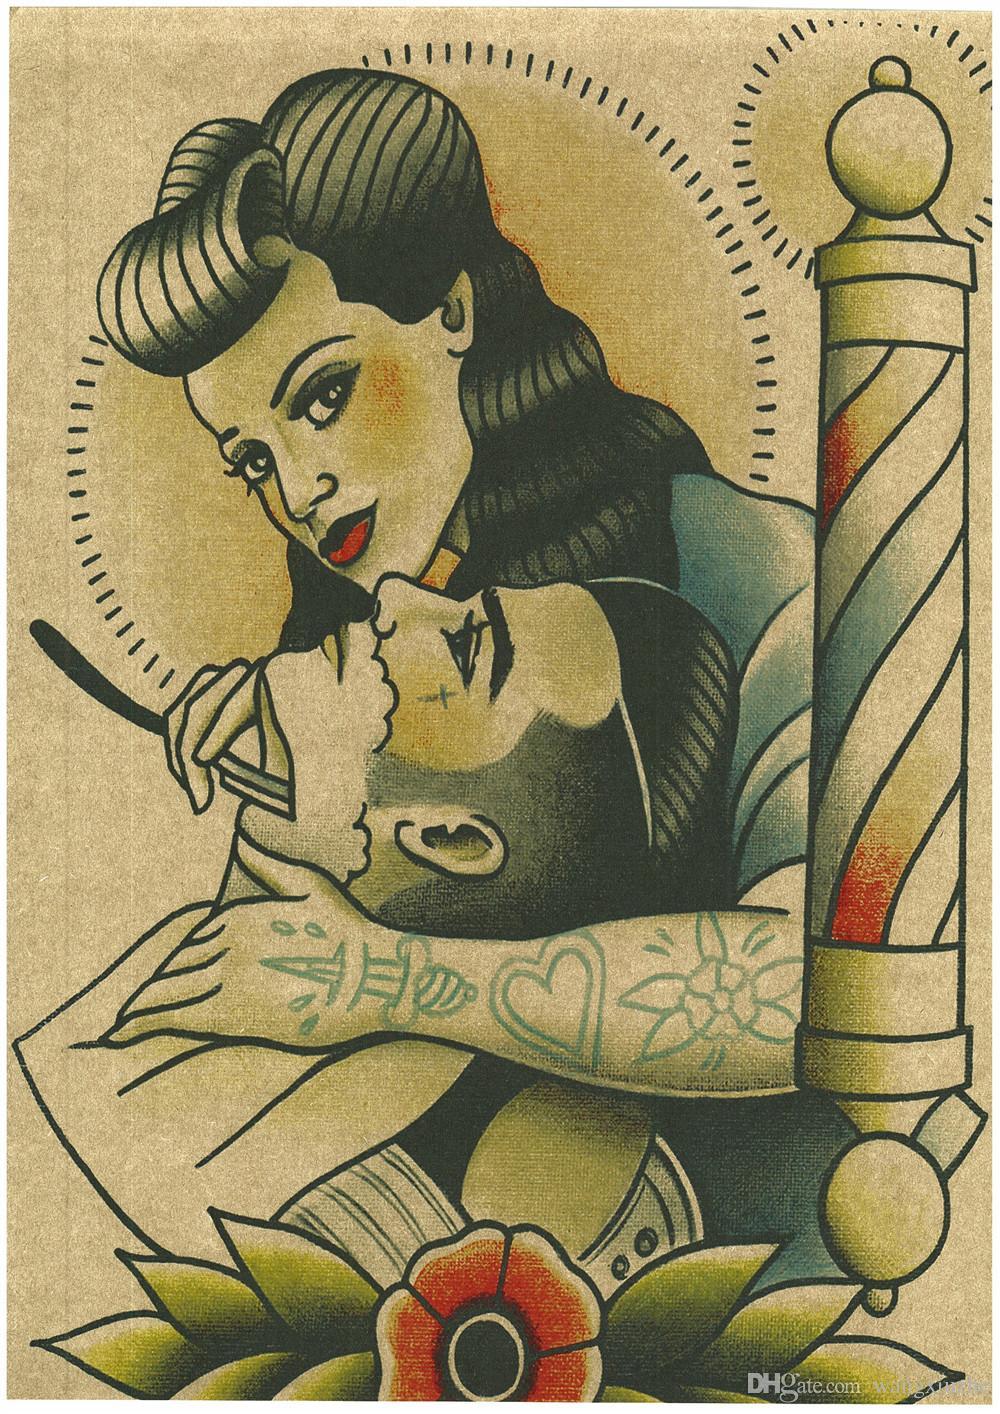 Envío gratis Vintage Peluquería Tatuajes estampados Carteles de Papel Kraft Interior Pintura Restauración Etiqueta de La Pared Peluquería Decoración Del Hogar